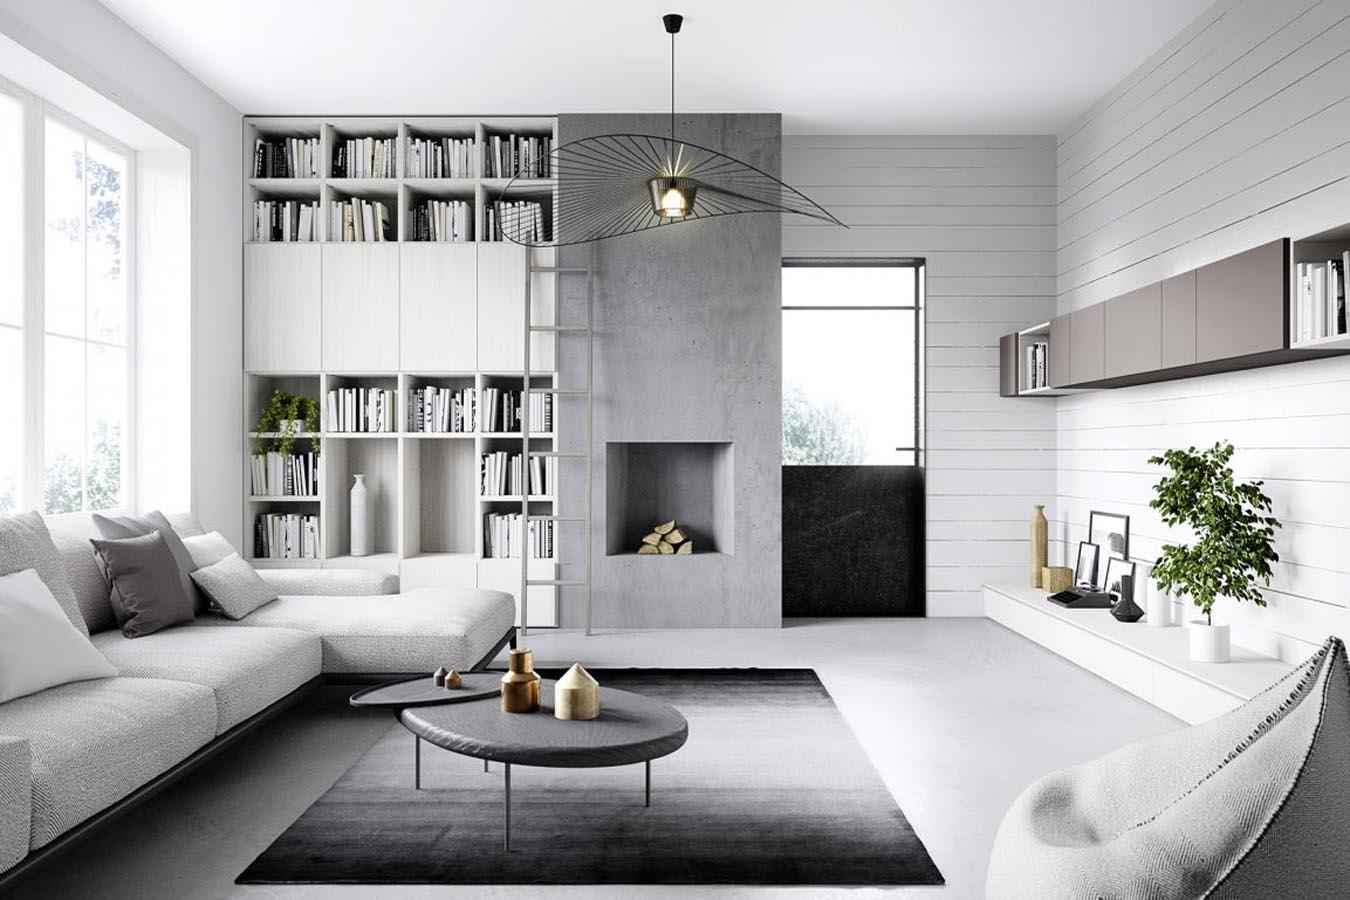 zona living cinquanta3 - righetti mobili novara - Arredamento Moderno Zona Living